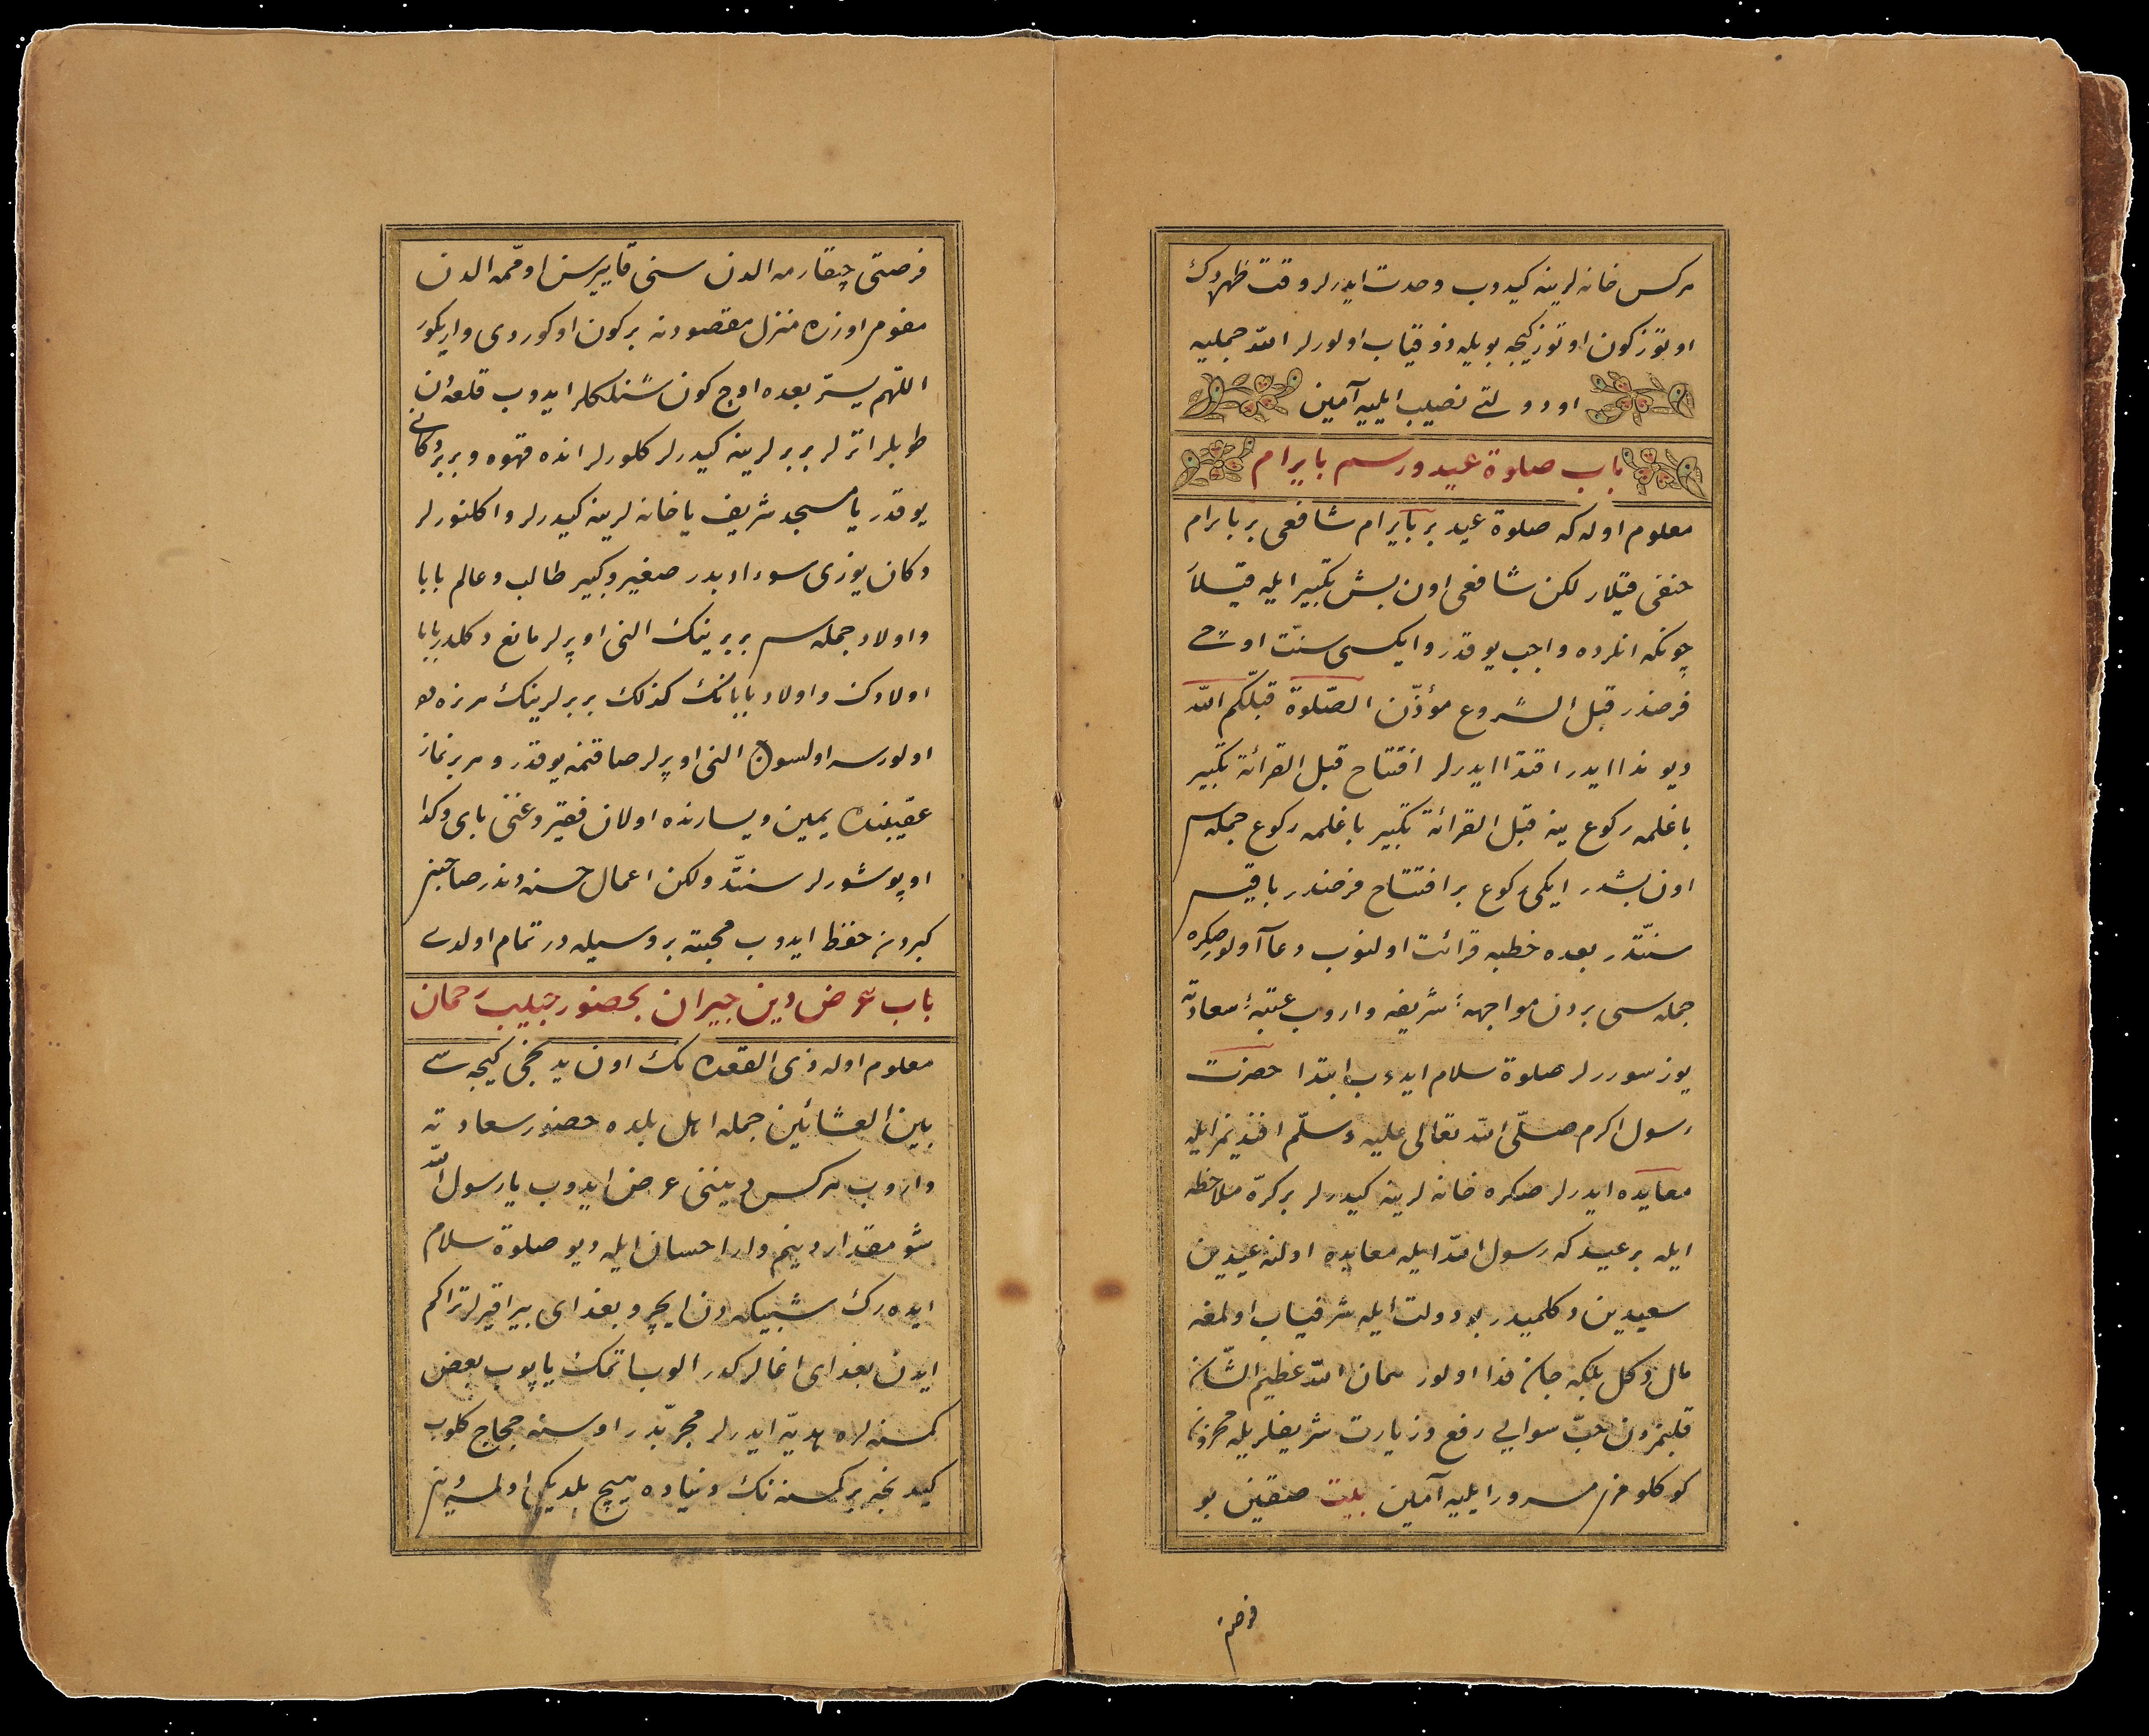 Manuscript with a description of the Prophet's mosque